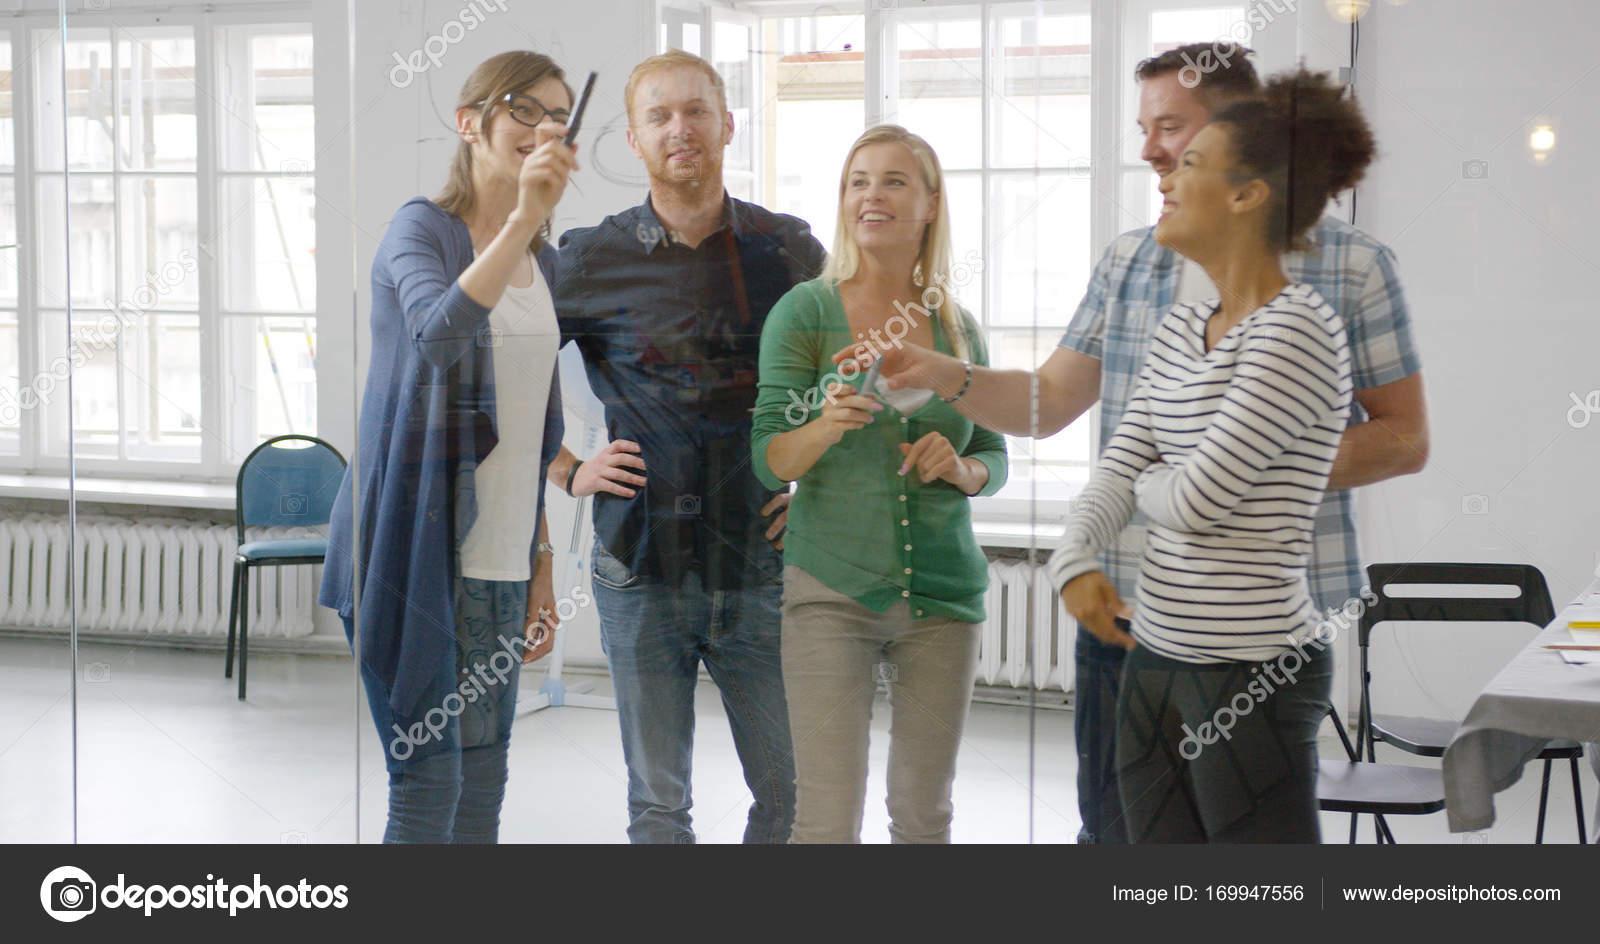 Ufficio Disegno Yoga : Allegri dipendenti in ufficio u2014 foto stock © dashek #169947556